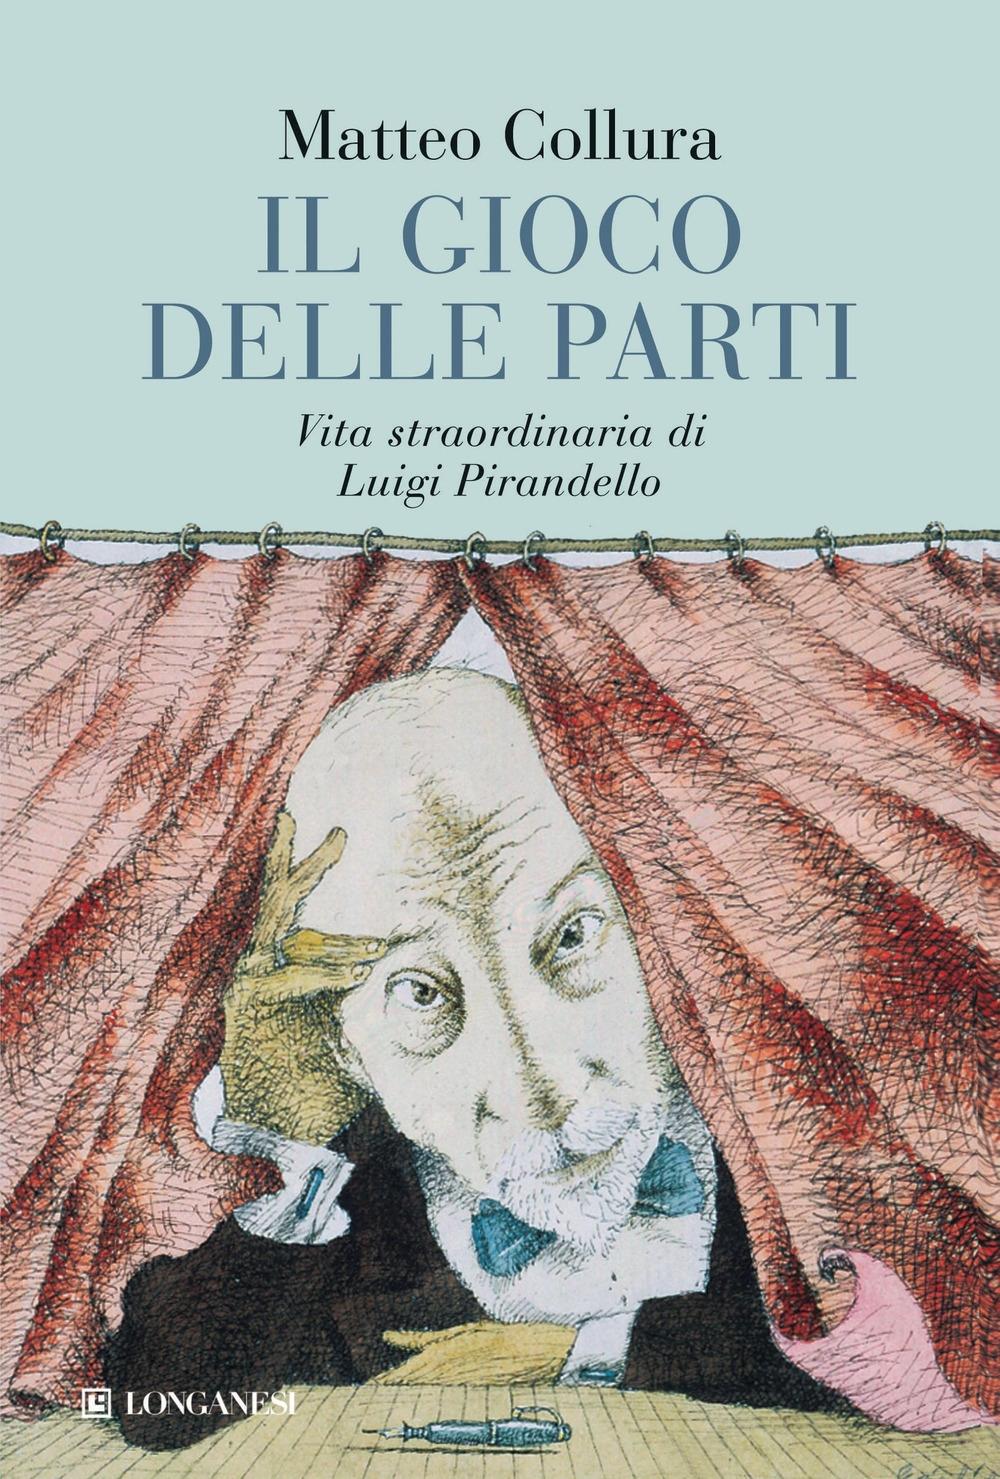 Il gioco delle parti. Vita straordinaria di Luigi Pirandello